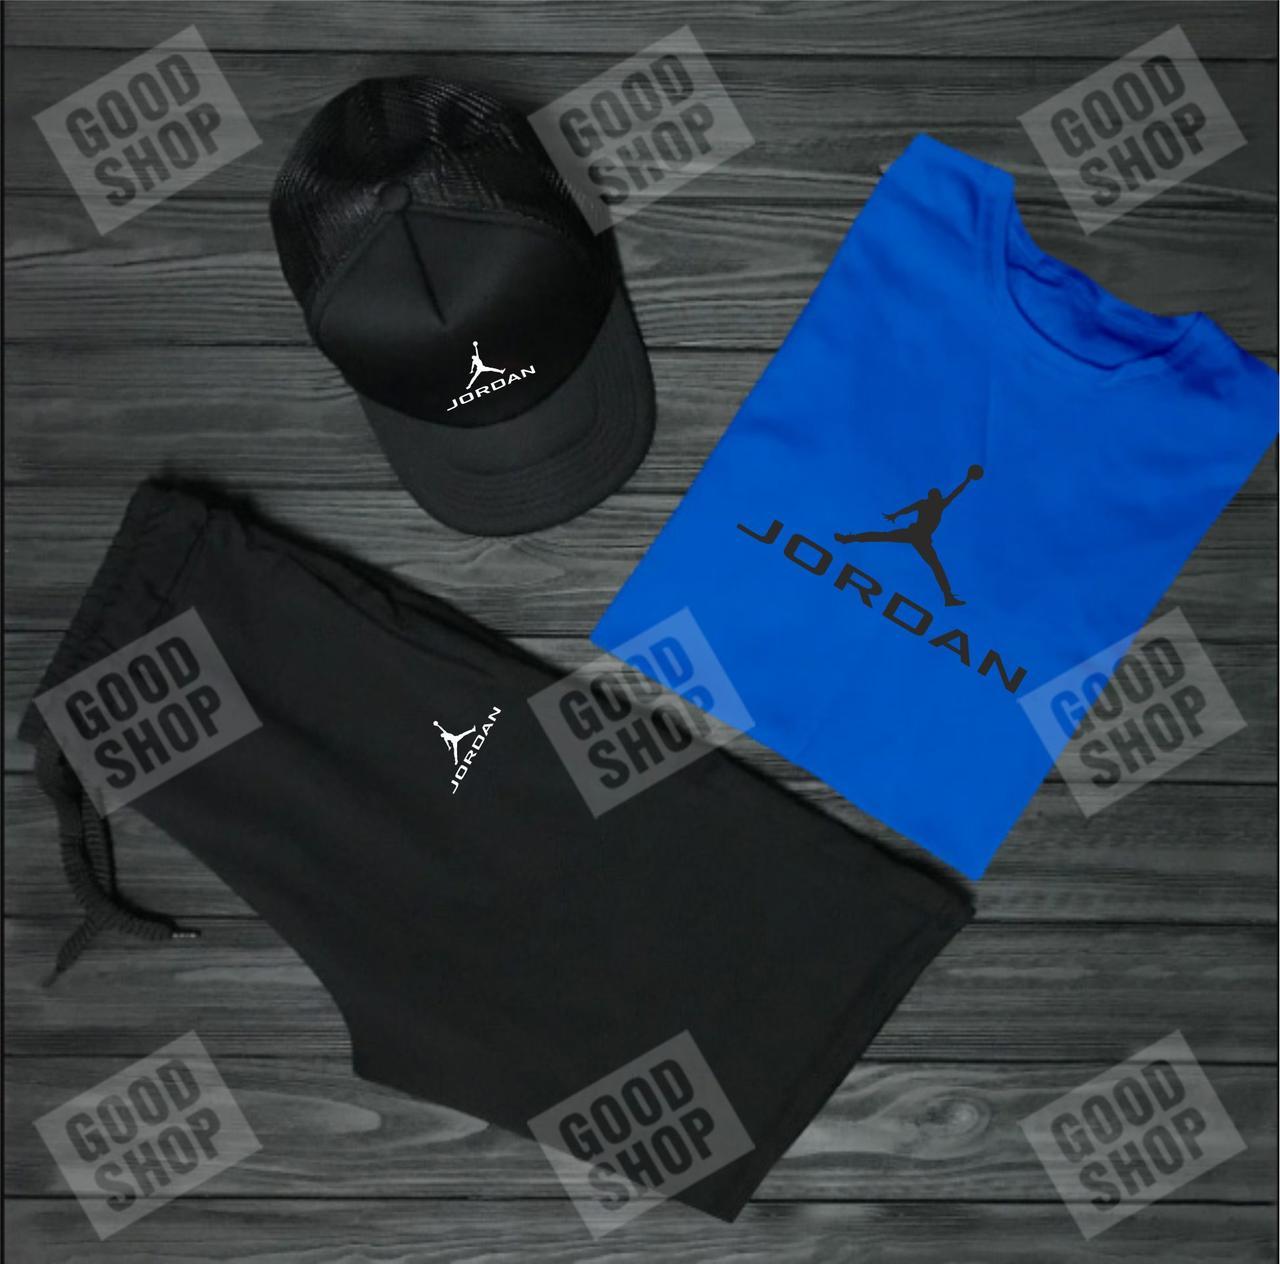 Мужской костюм тройка кепка футболка и шорты Джордан (Jordan), летний мужской костюм, копия